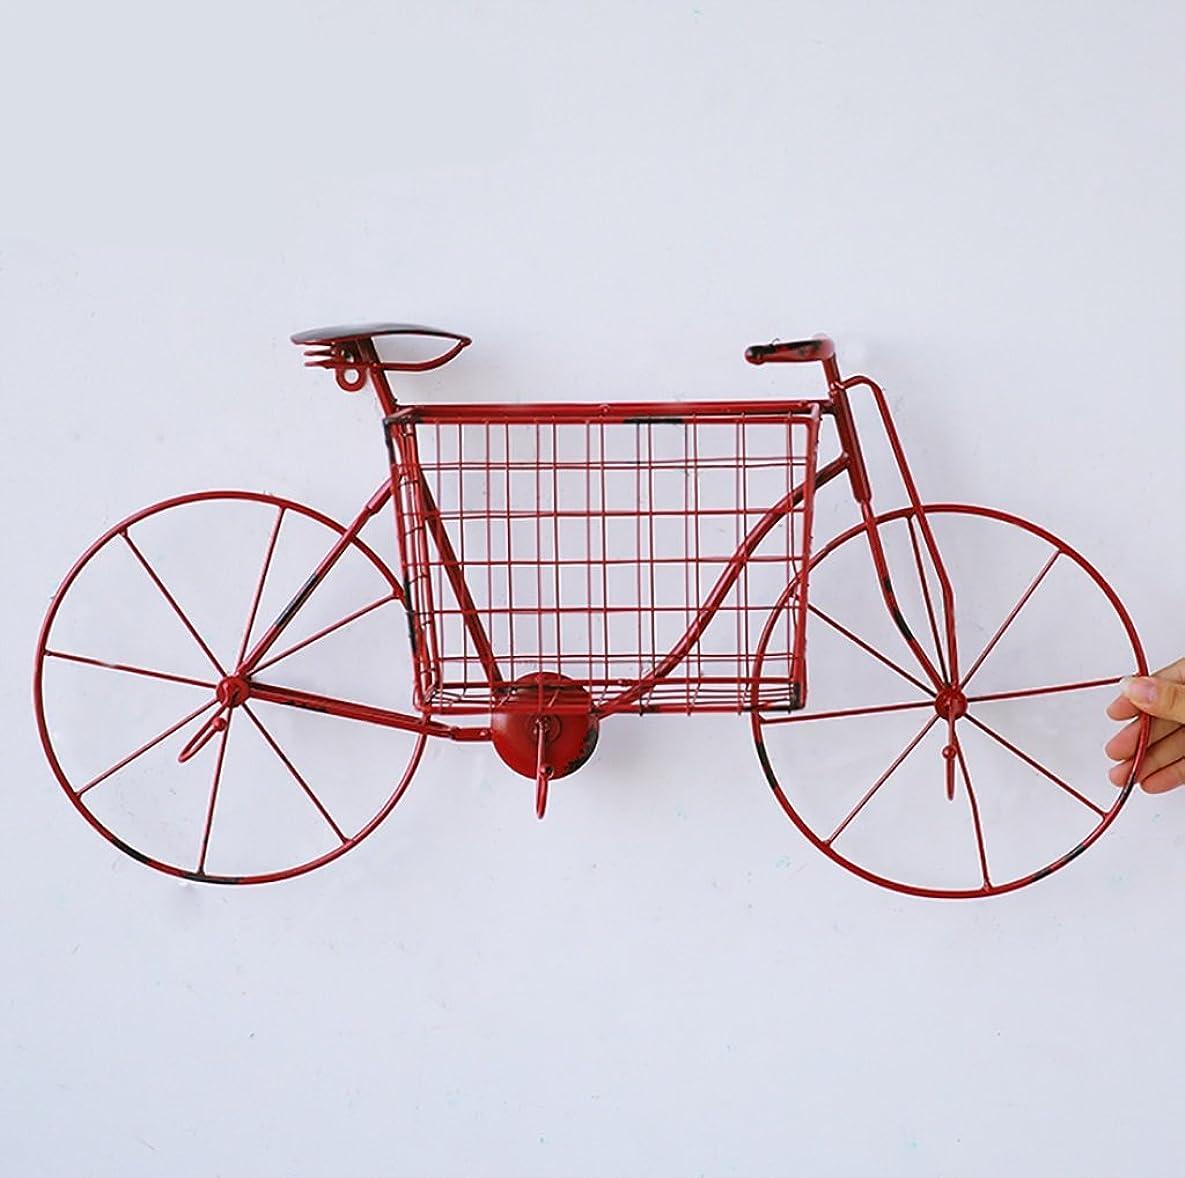 慣性彼はもっともらしいレトロインダストリアルスタイルアイアンウォールクロッククリエイティブウォールデコレーションリビングルームベッドルーム自転車の装飾工芸品 (Color : Red)